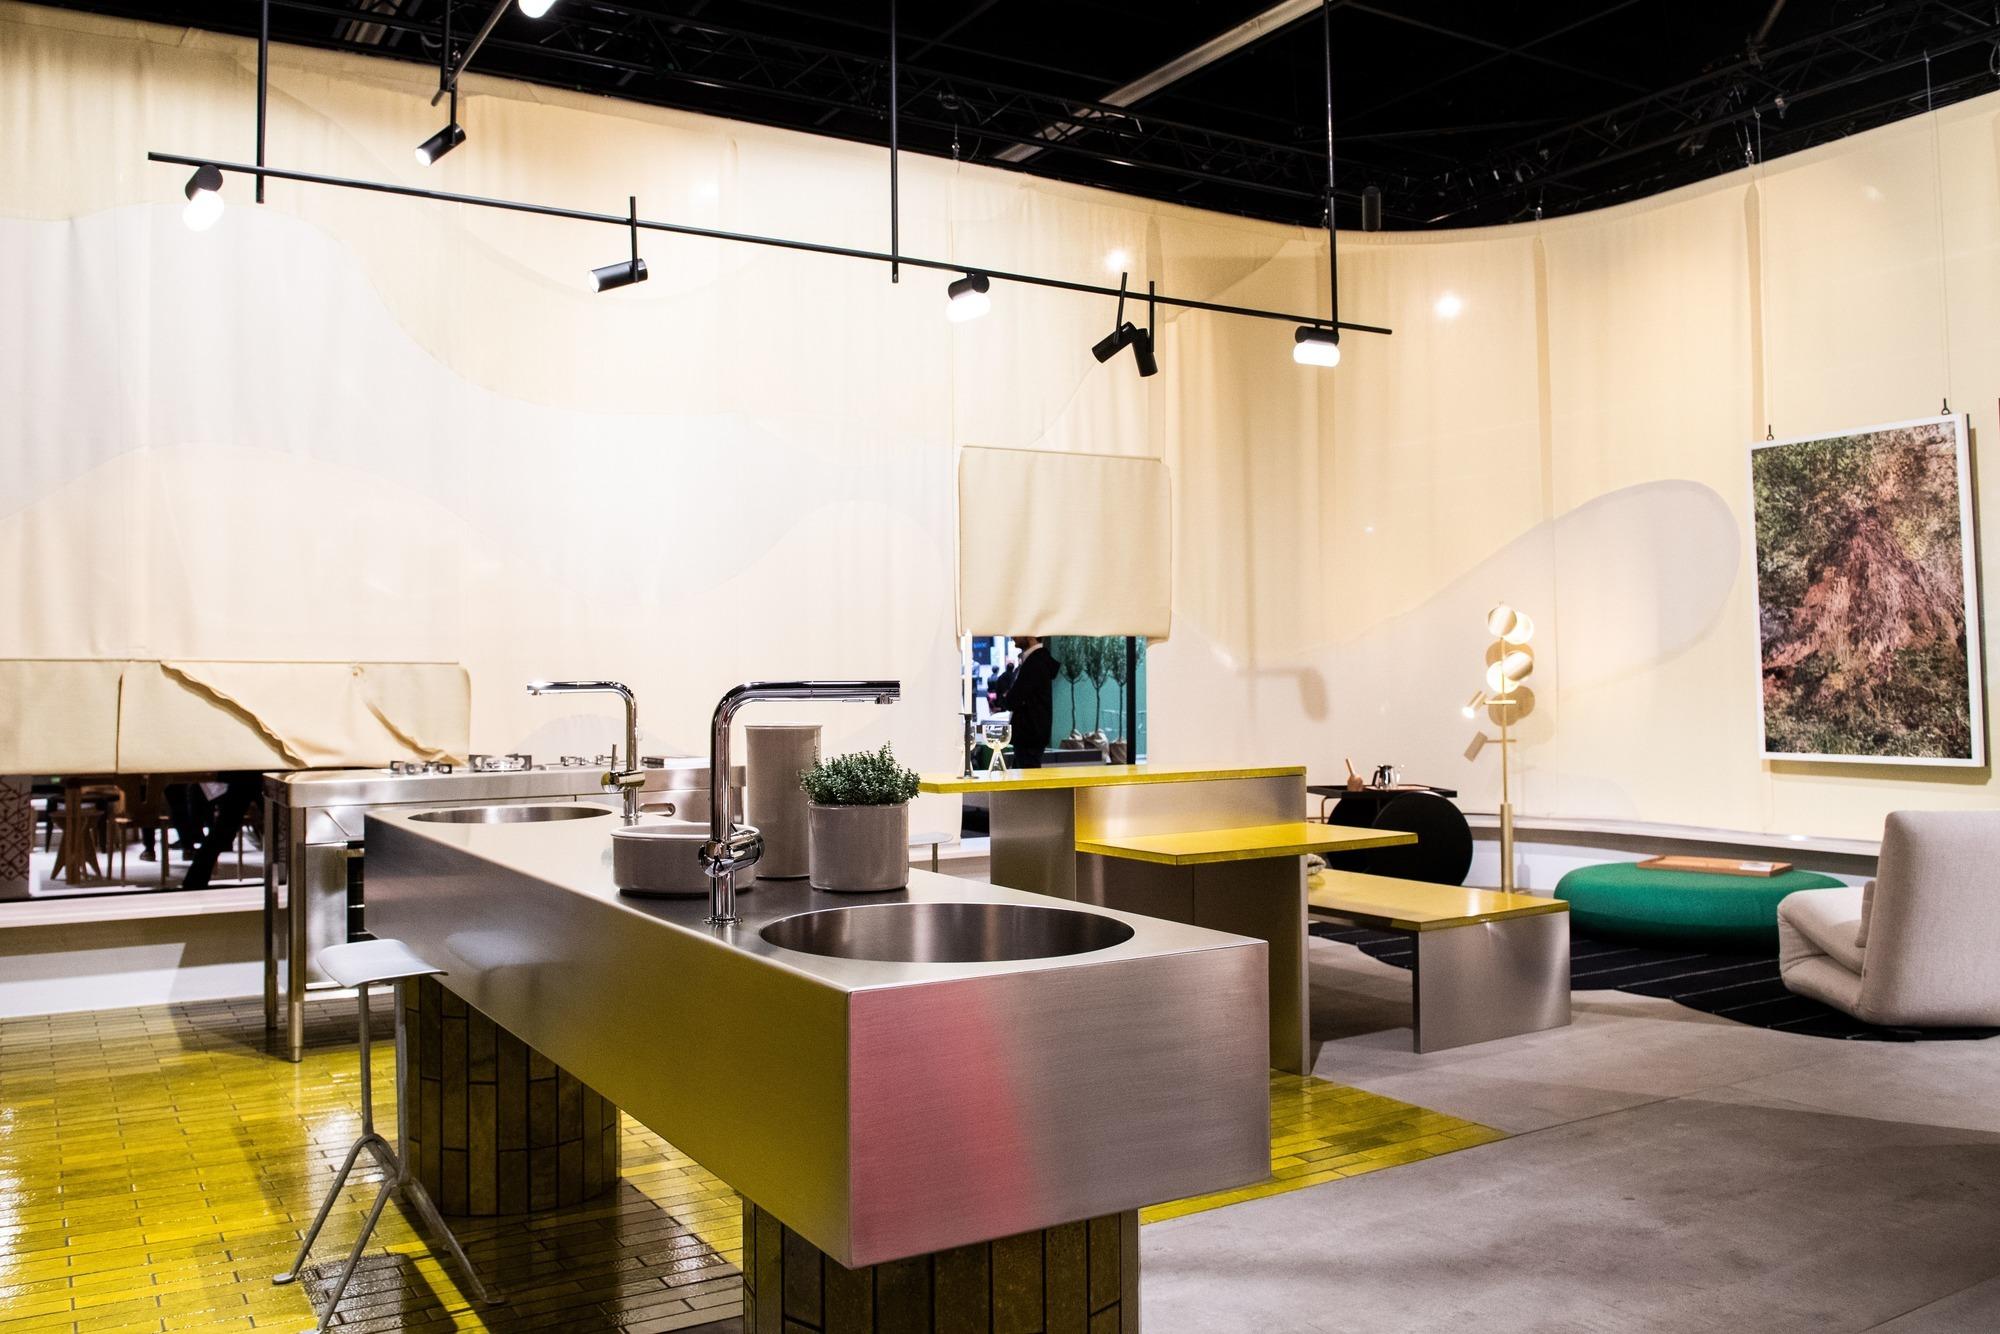 Möbelmesse IMM: In der modernen Küche bleibt vieles unsichtbar ...